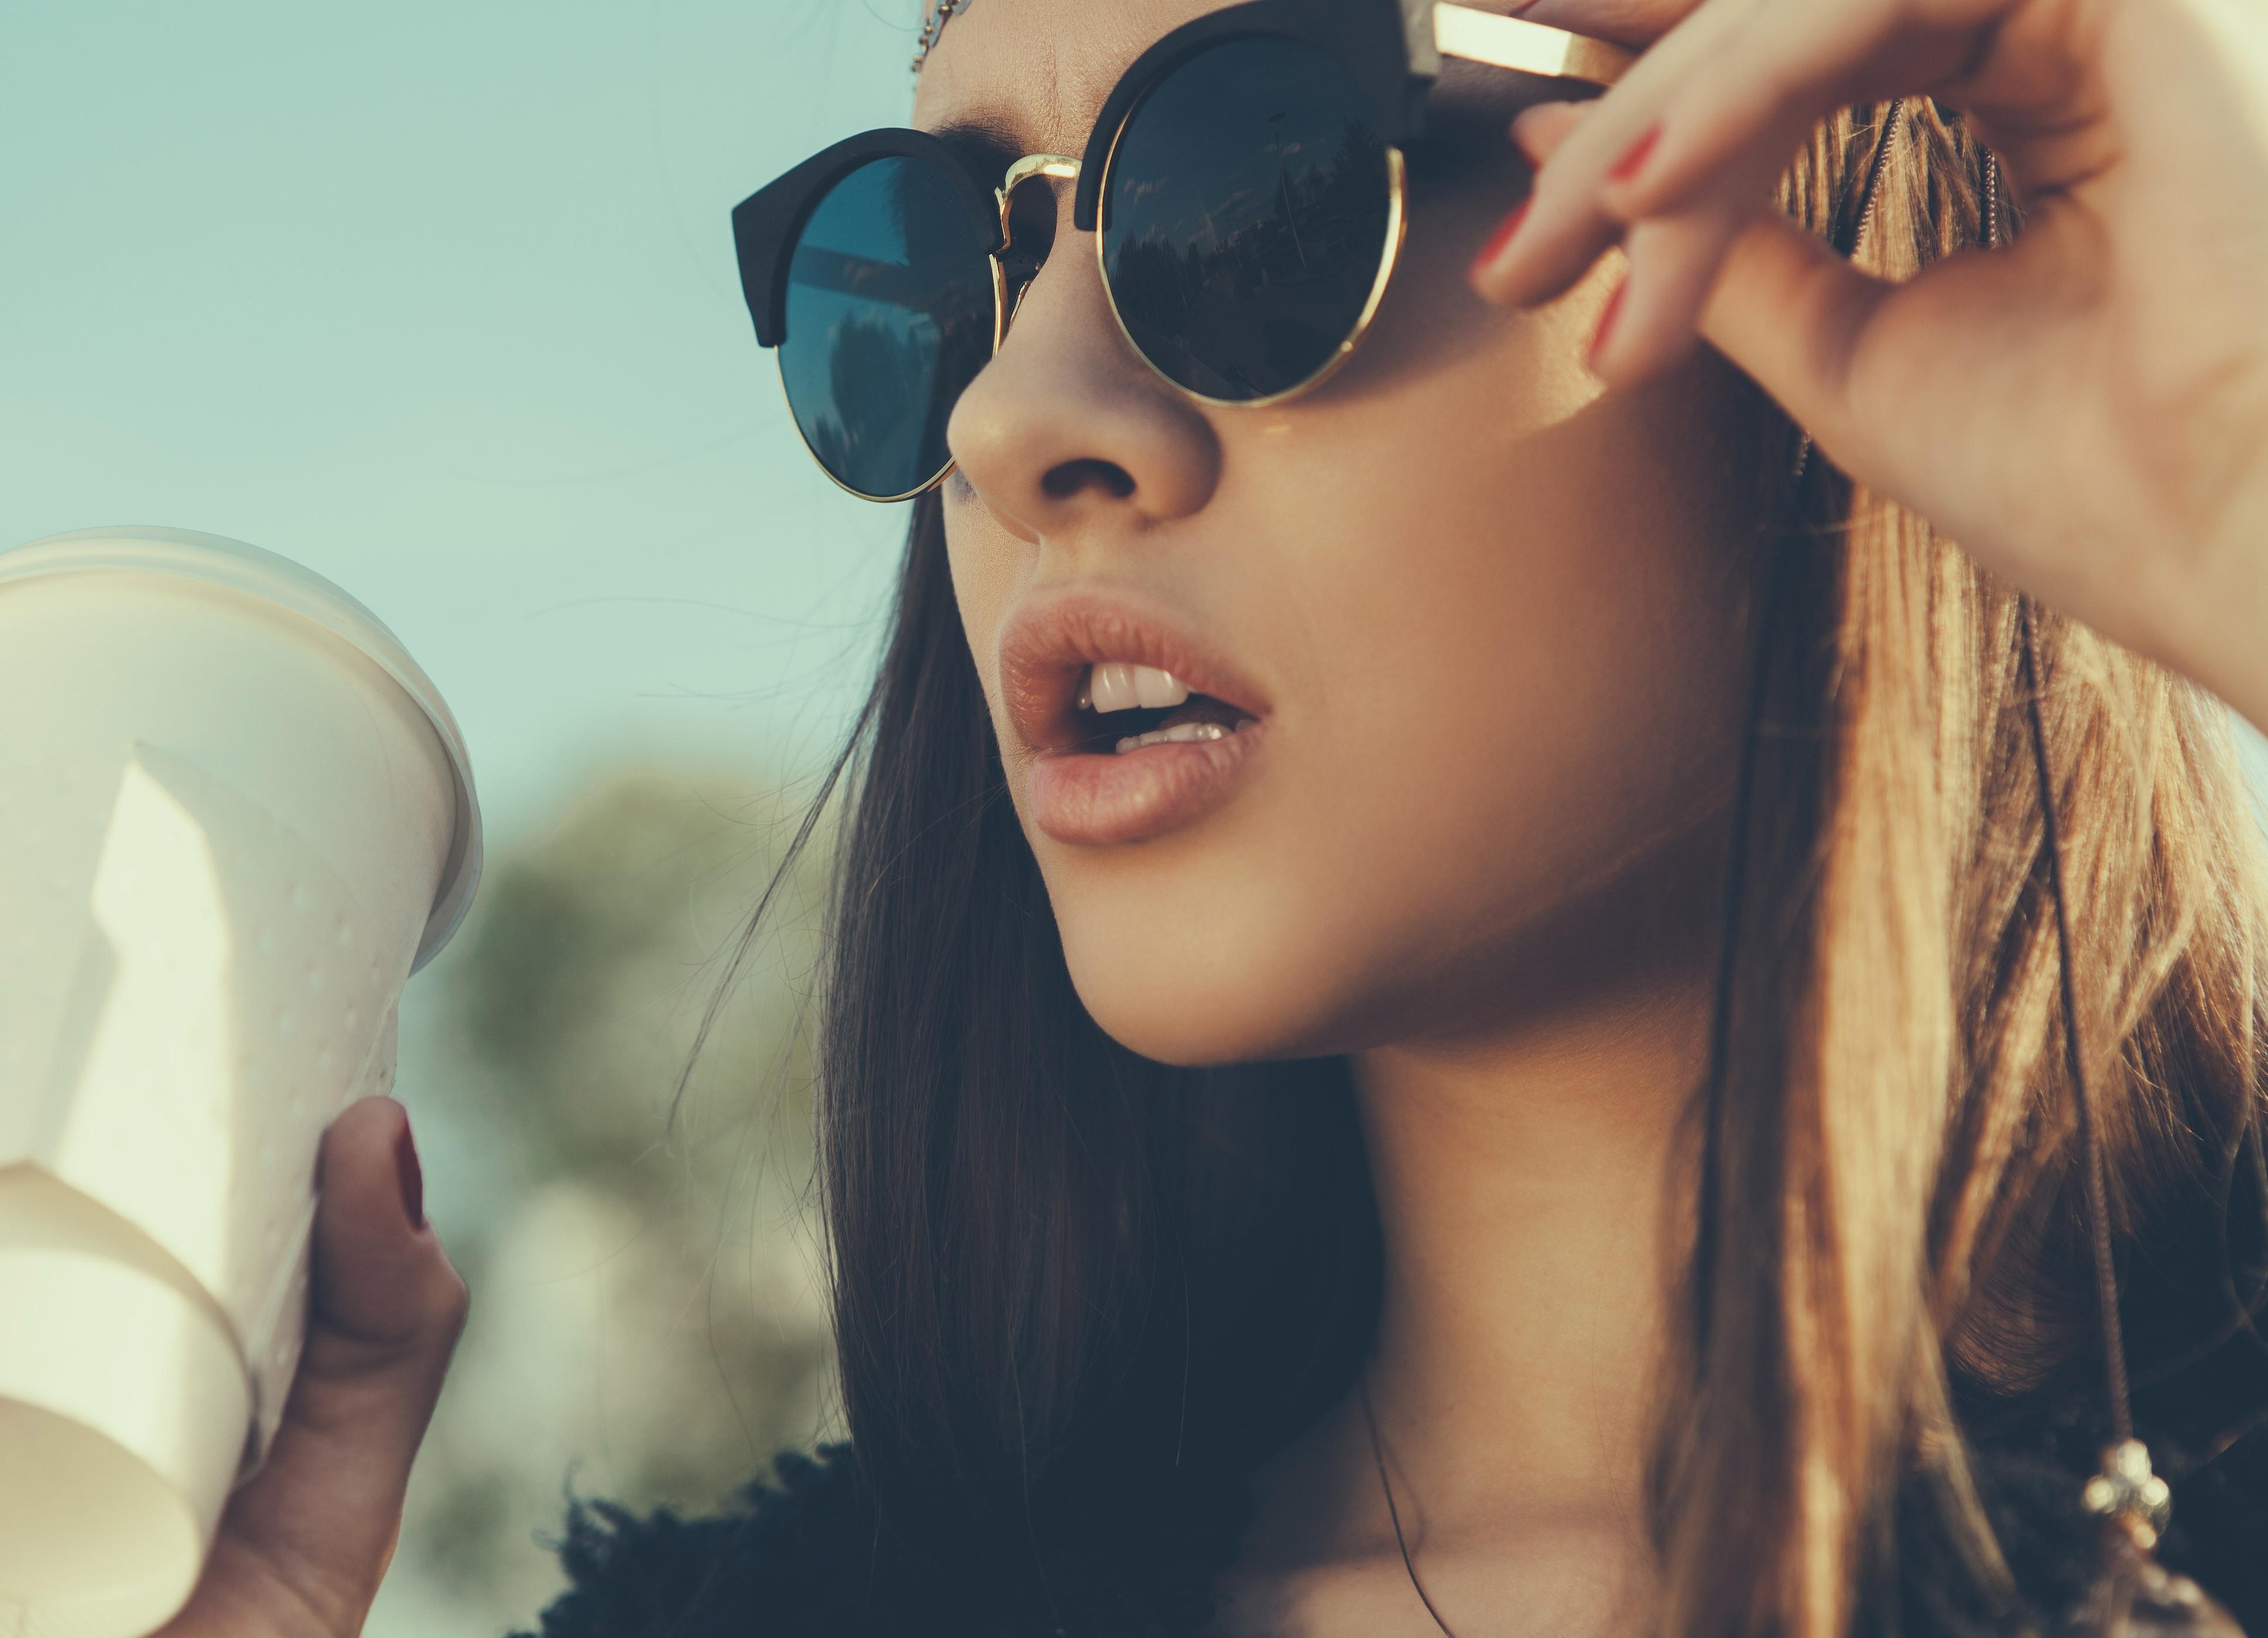 Фото девушки в темных очках 15 фотография